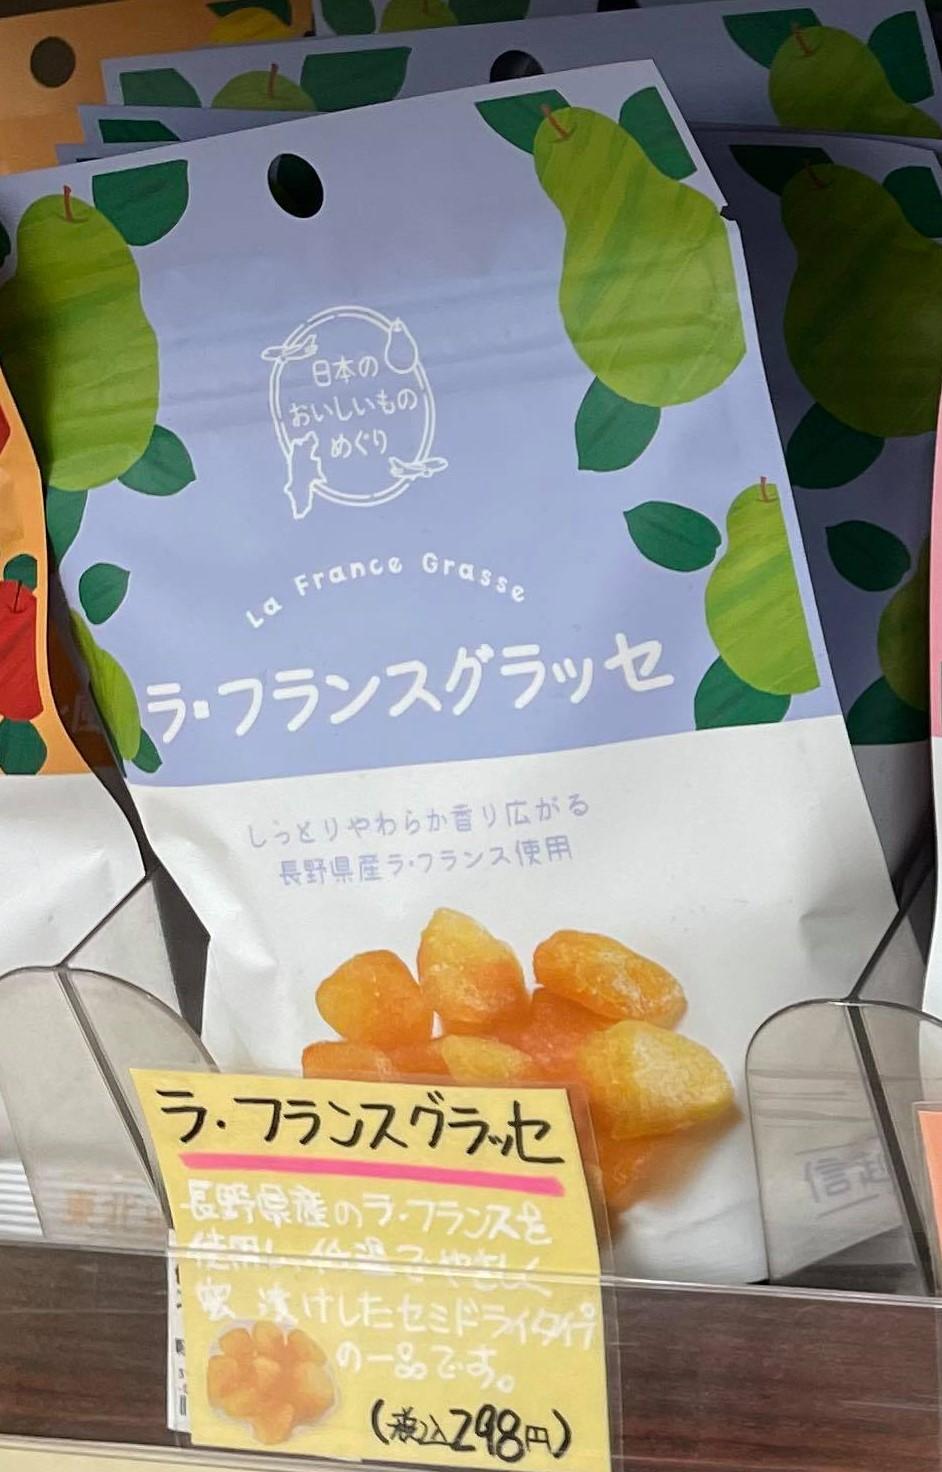 Japan Delicious Food Tour, La France Grasse